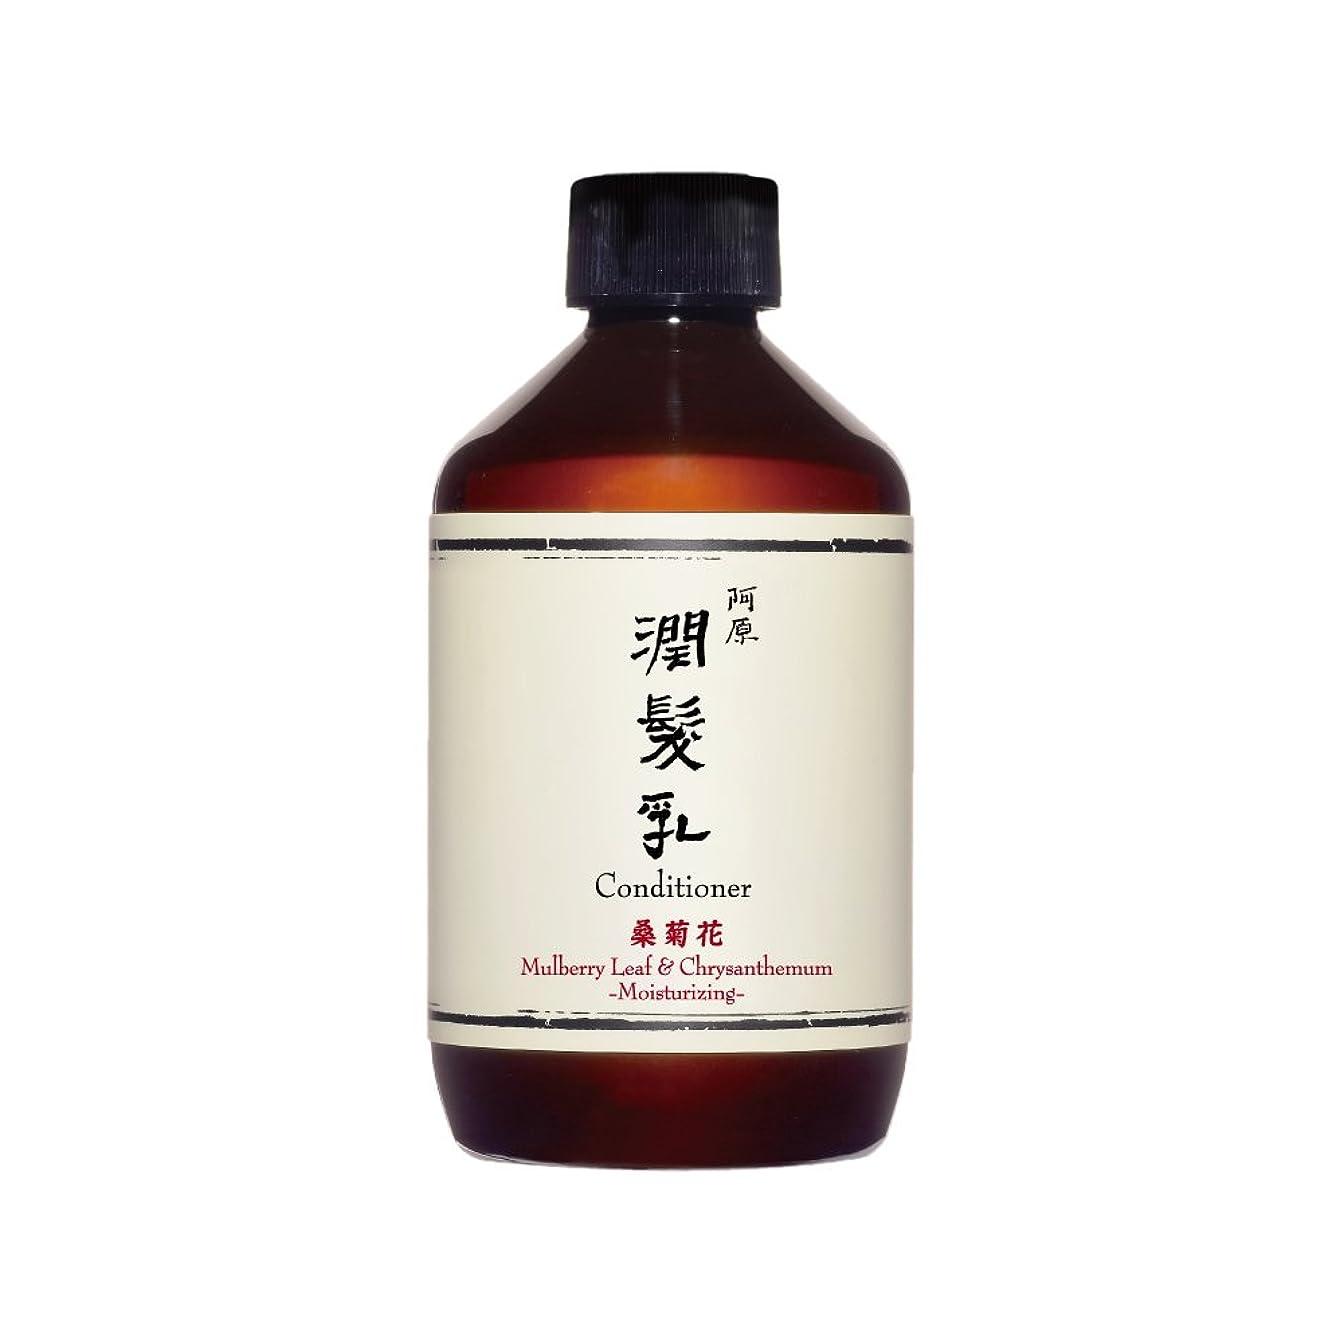 神話不従順接続YUAN(ユアン) 桑菊花(ソウキッカ)コンディショナー 50ml